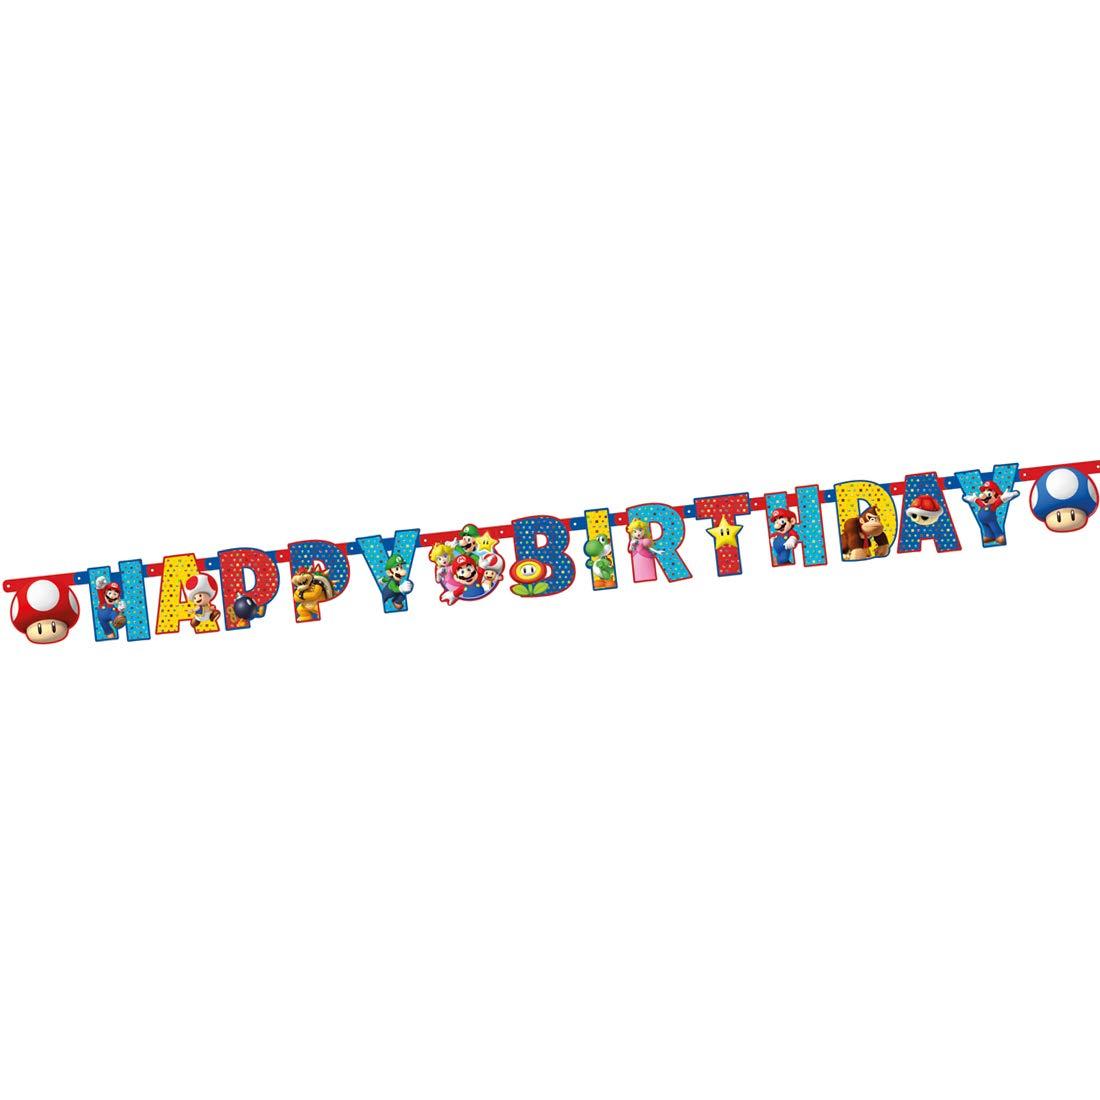 Inmejorable para Fiestas de cumplea/ños Infantiles y Fiestas Infantiles NET TOYS Guirnalda de Letras Motivo Super Mario Brothers Original Cadena de Volantes decoraci/ón Fiesta 190 x 15 cm